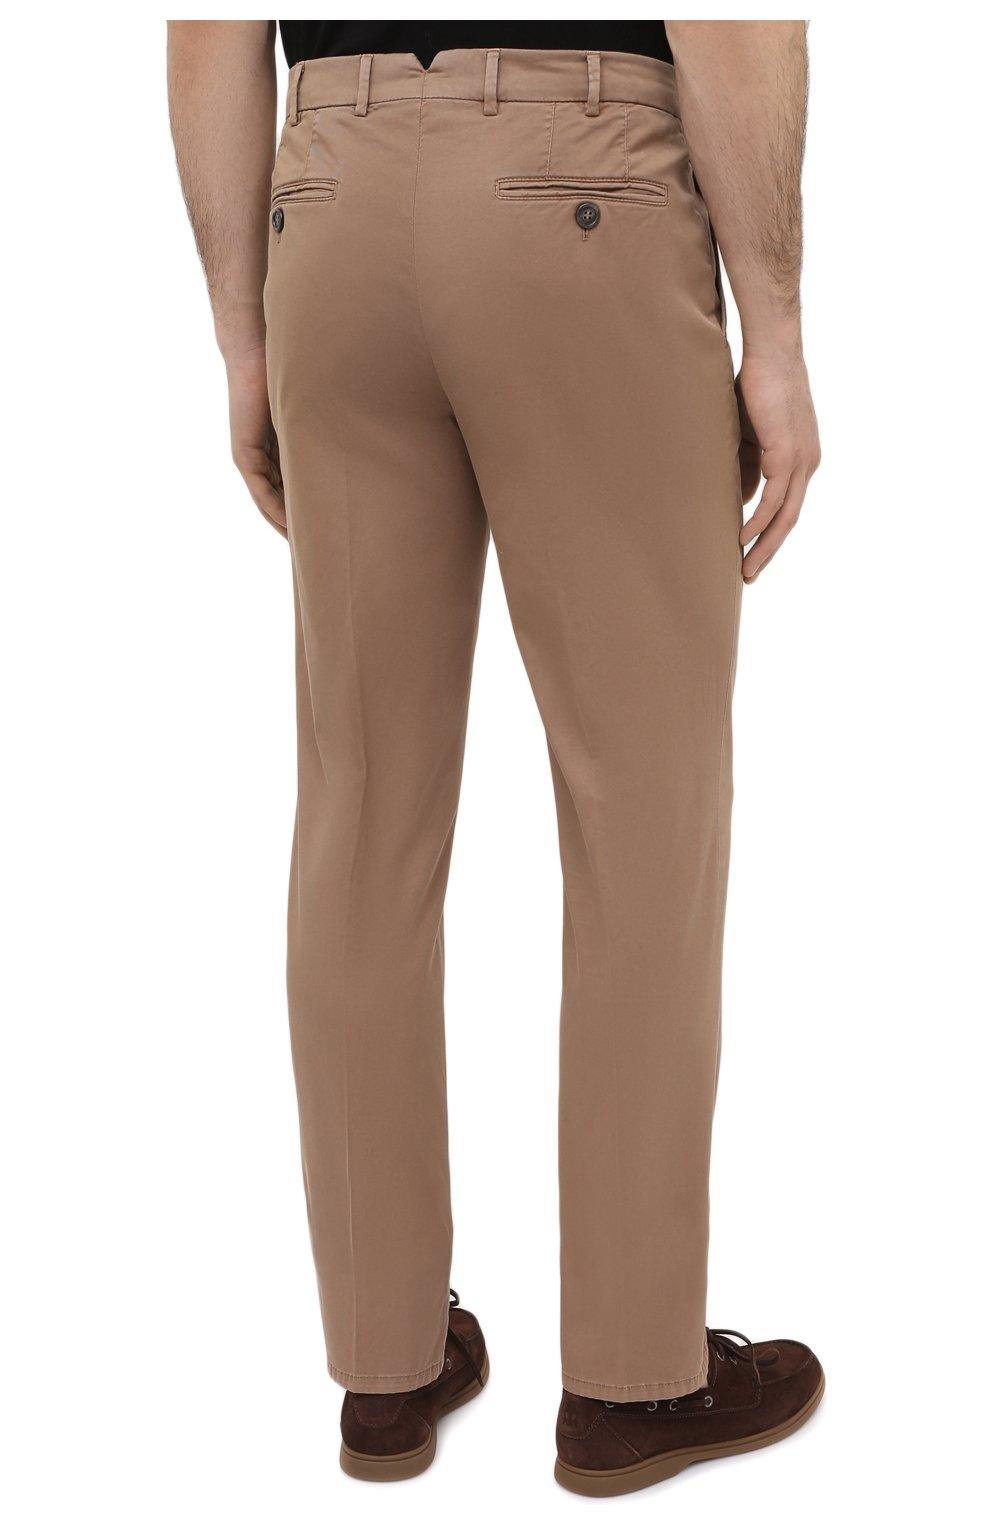 Мужские хлопковые брюки BRUNELLO CUCINELLI темно-бежевого цвета, арт. M289LB1770 | Фото 4 (Силуэт М (брюки): Чиносы; Длина (брюки, джинсы): Стандартные; Случай: Повседневный; Материал внешний: Хлопок; Стили: Кэжуэл)